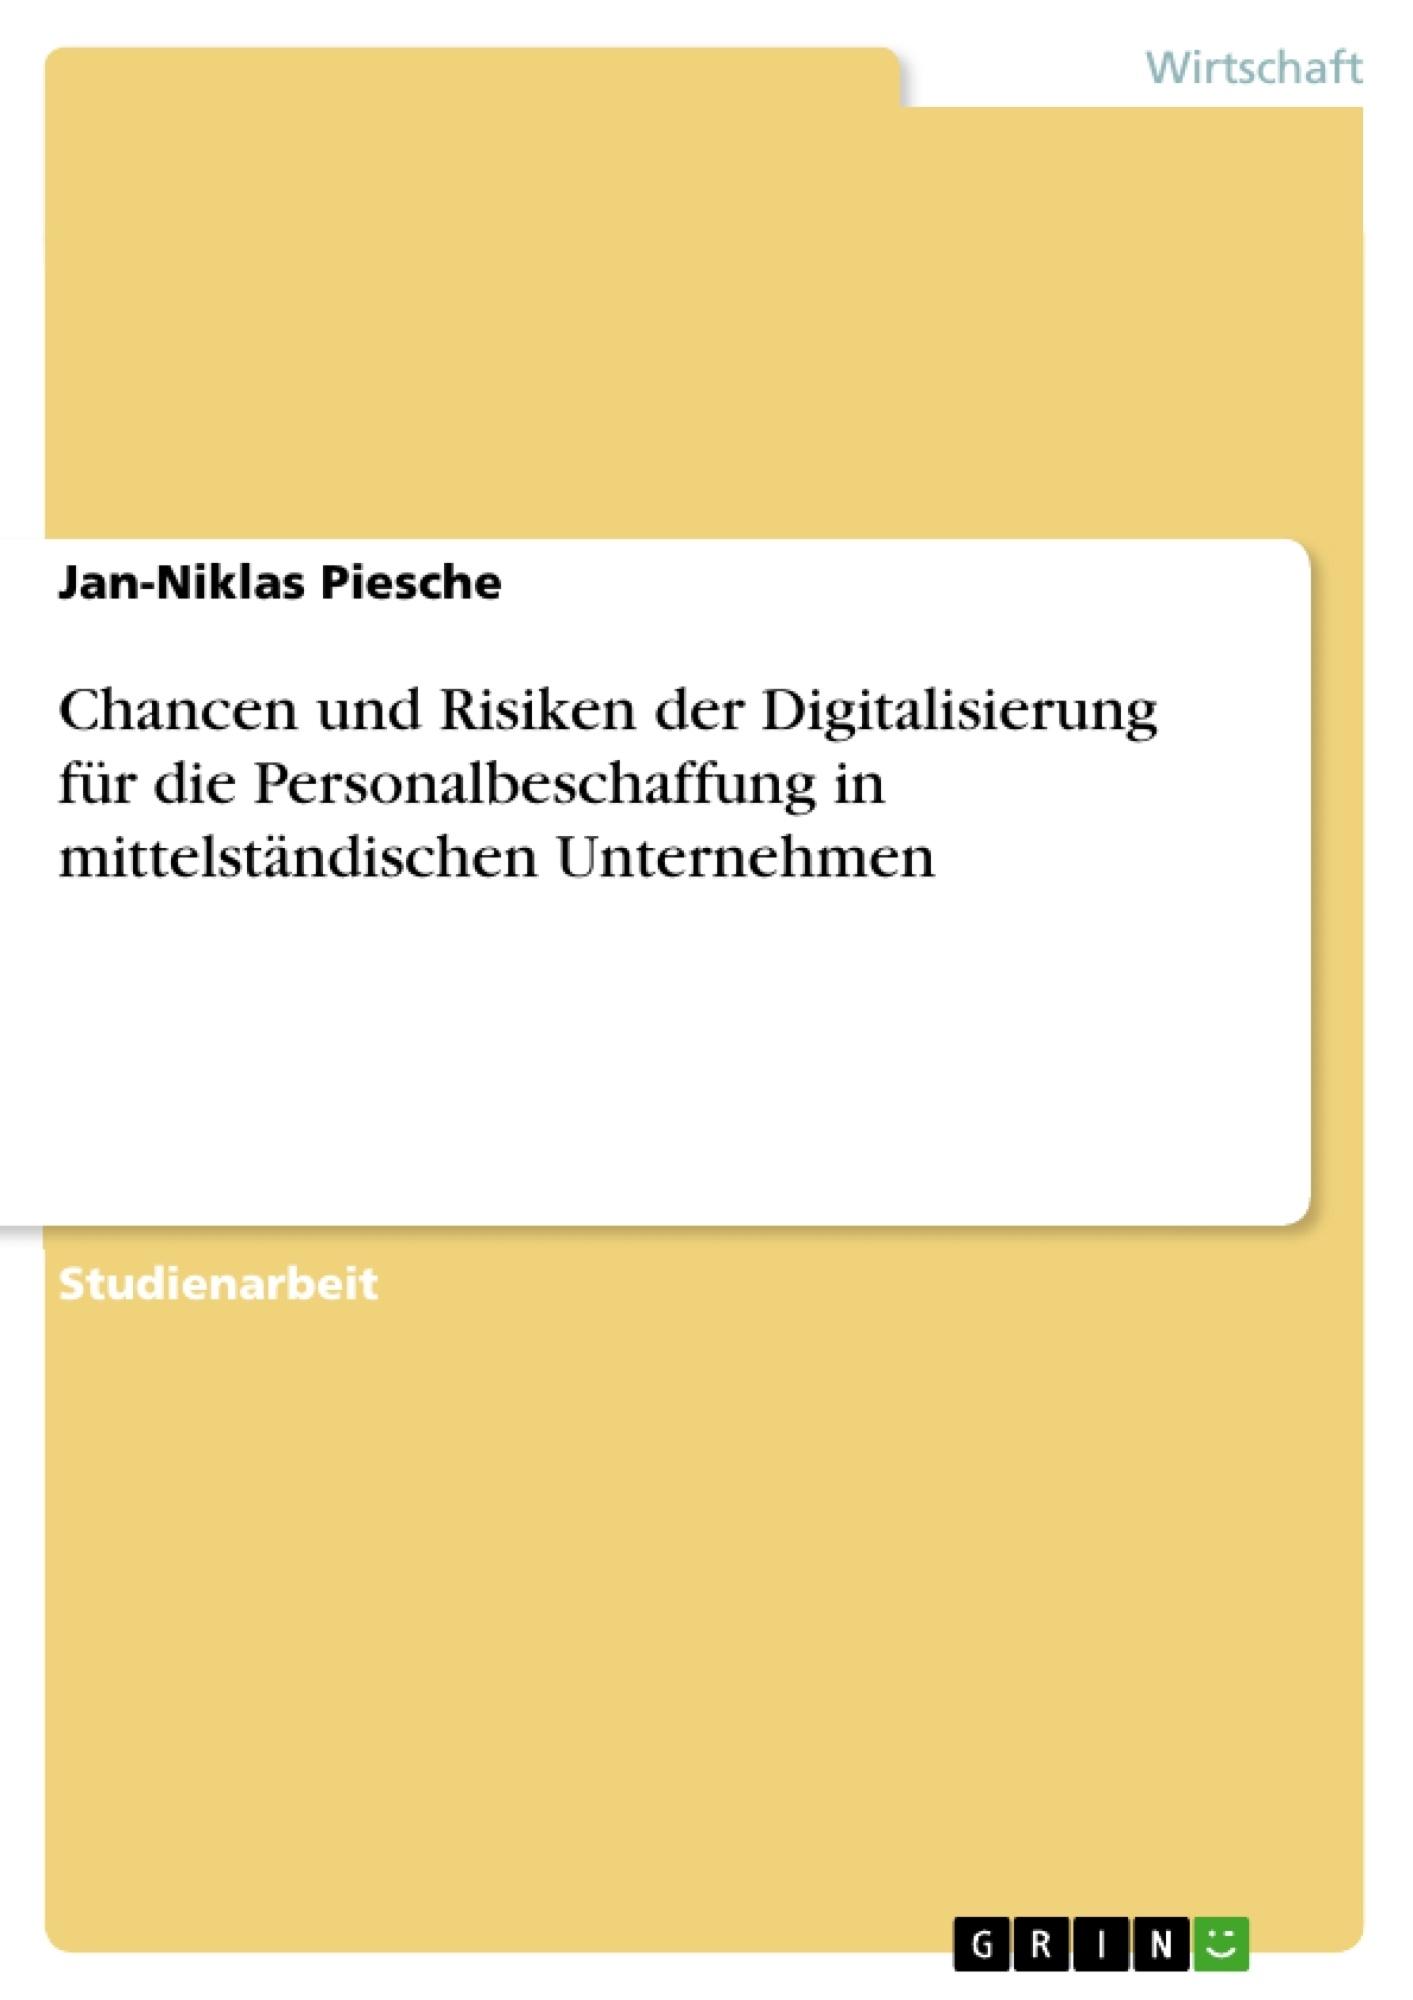 Titel: Chancen und Risiken der Digitalisierung für die Personalbeschaffung in mittelständischen Unternehmen